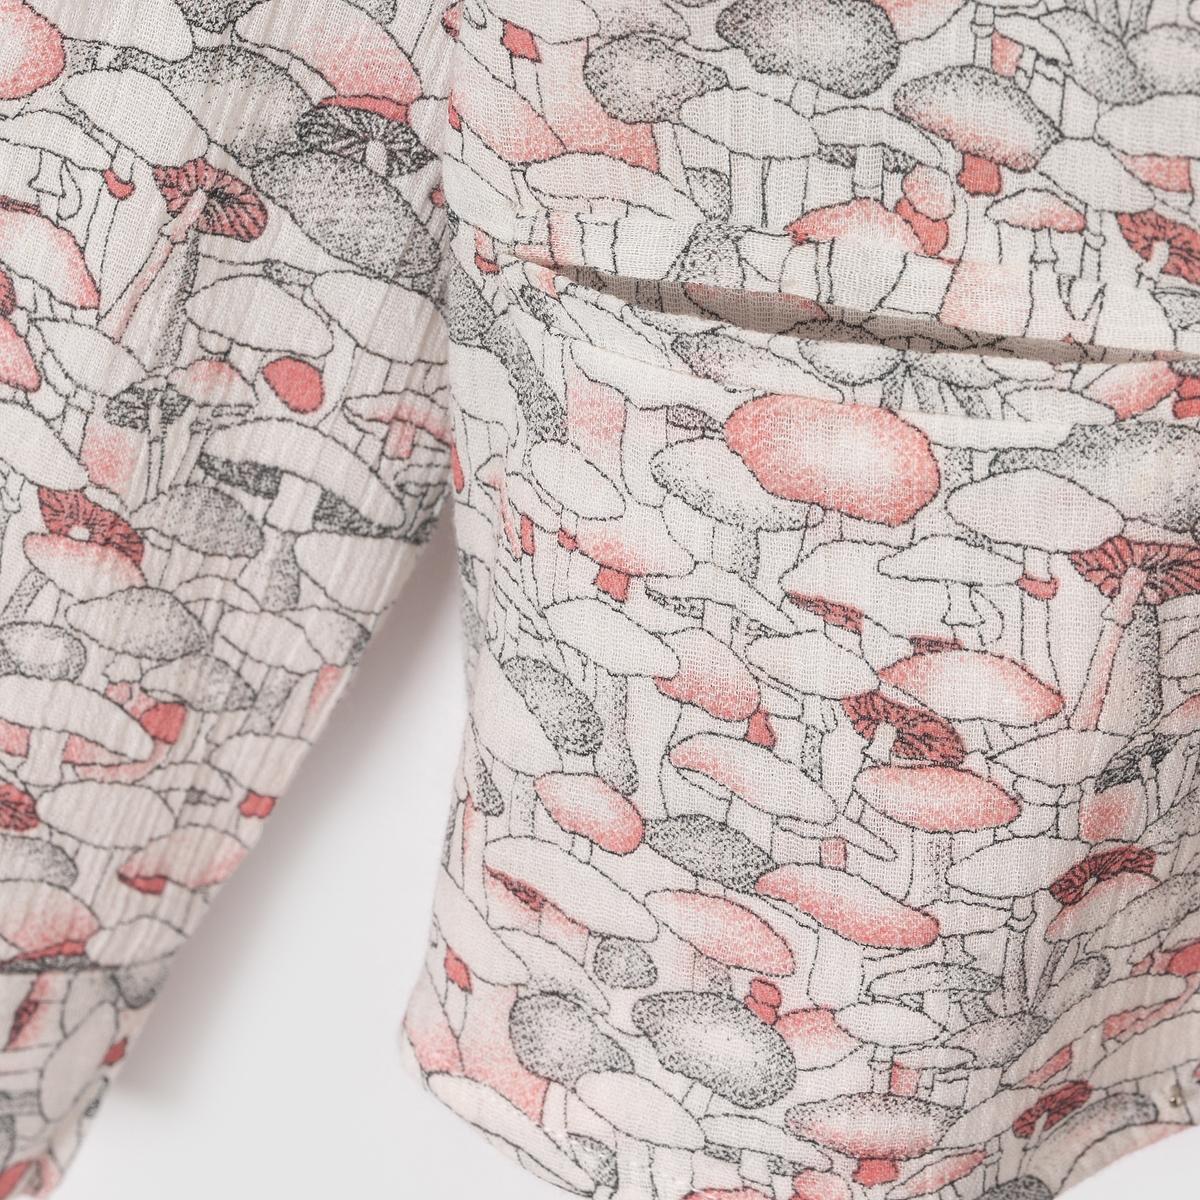 Блузка из крепа с рисунком грибы, 3-12 летБлузка с длинными рукавами из жатого крепа с рисунком грибы. Закругленный отложной воротник. Застежка и манжеты на пуговицах. 2 прорезных кармана снизу .Состав и описание : Материал       100% хлопкаМарка       abcdR  Уход :Машинная стирка при 30 °C с вещами схожих цветов.Стирать и гладить с изнаночной стороны.Машинная сушка в умеренном режиме.Гладить при умеренной температуре.<br><br>Цвет: набивной рисунок<br>Размер: 3 года - 94 см.8 лет - 126 см